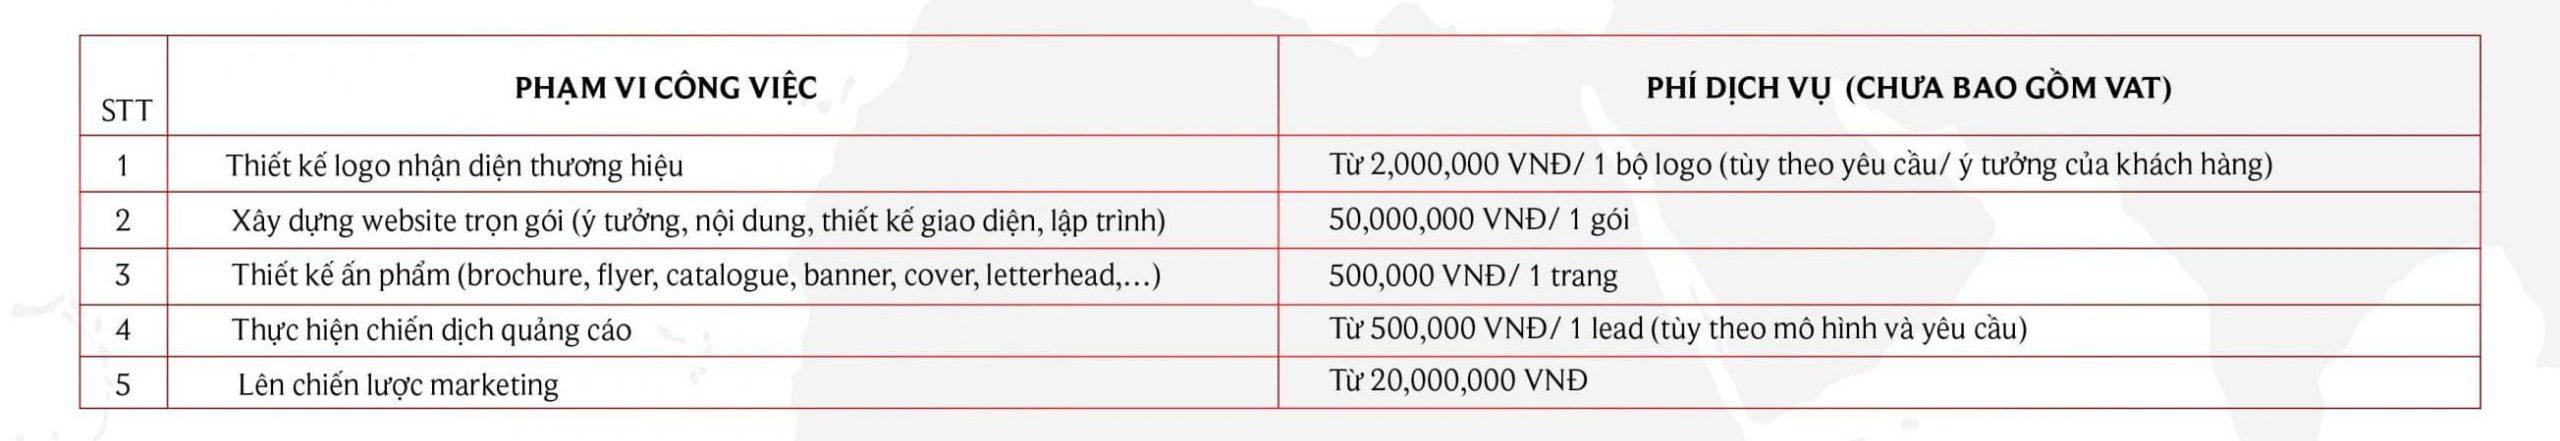 Bảng giá trong Marketing nhượng quyền